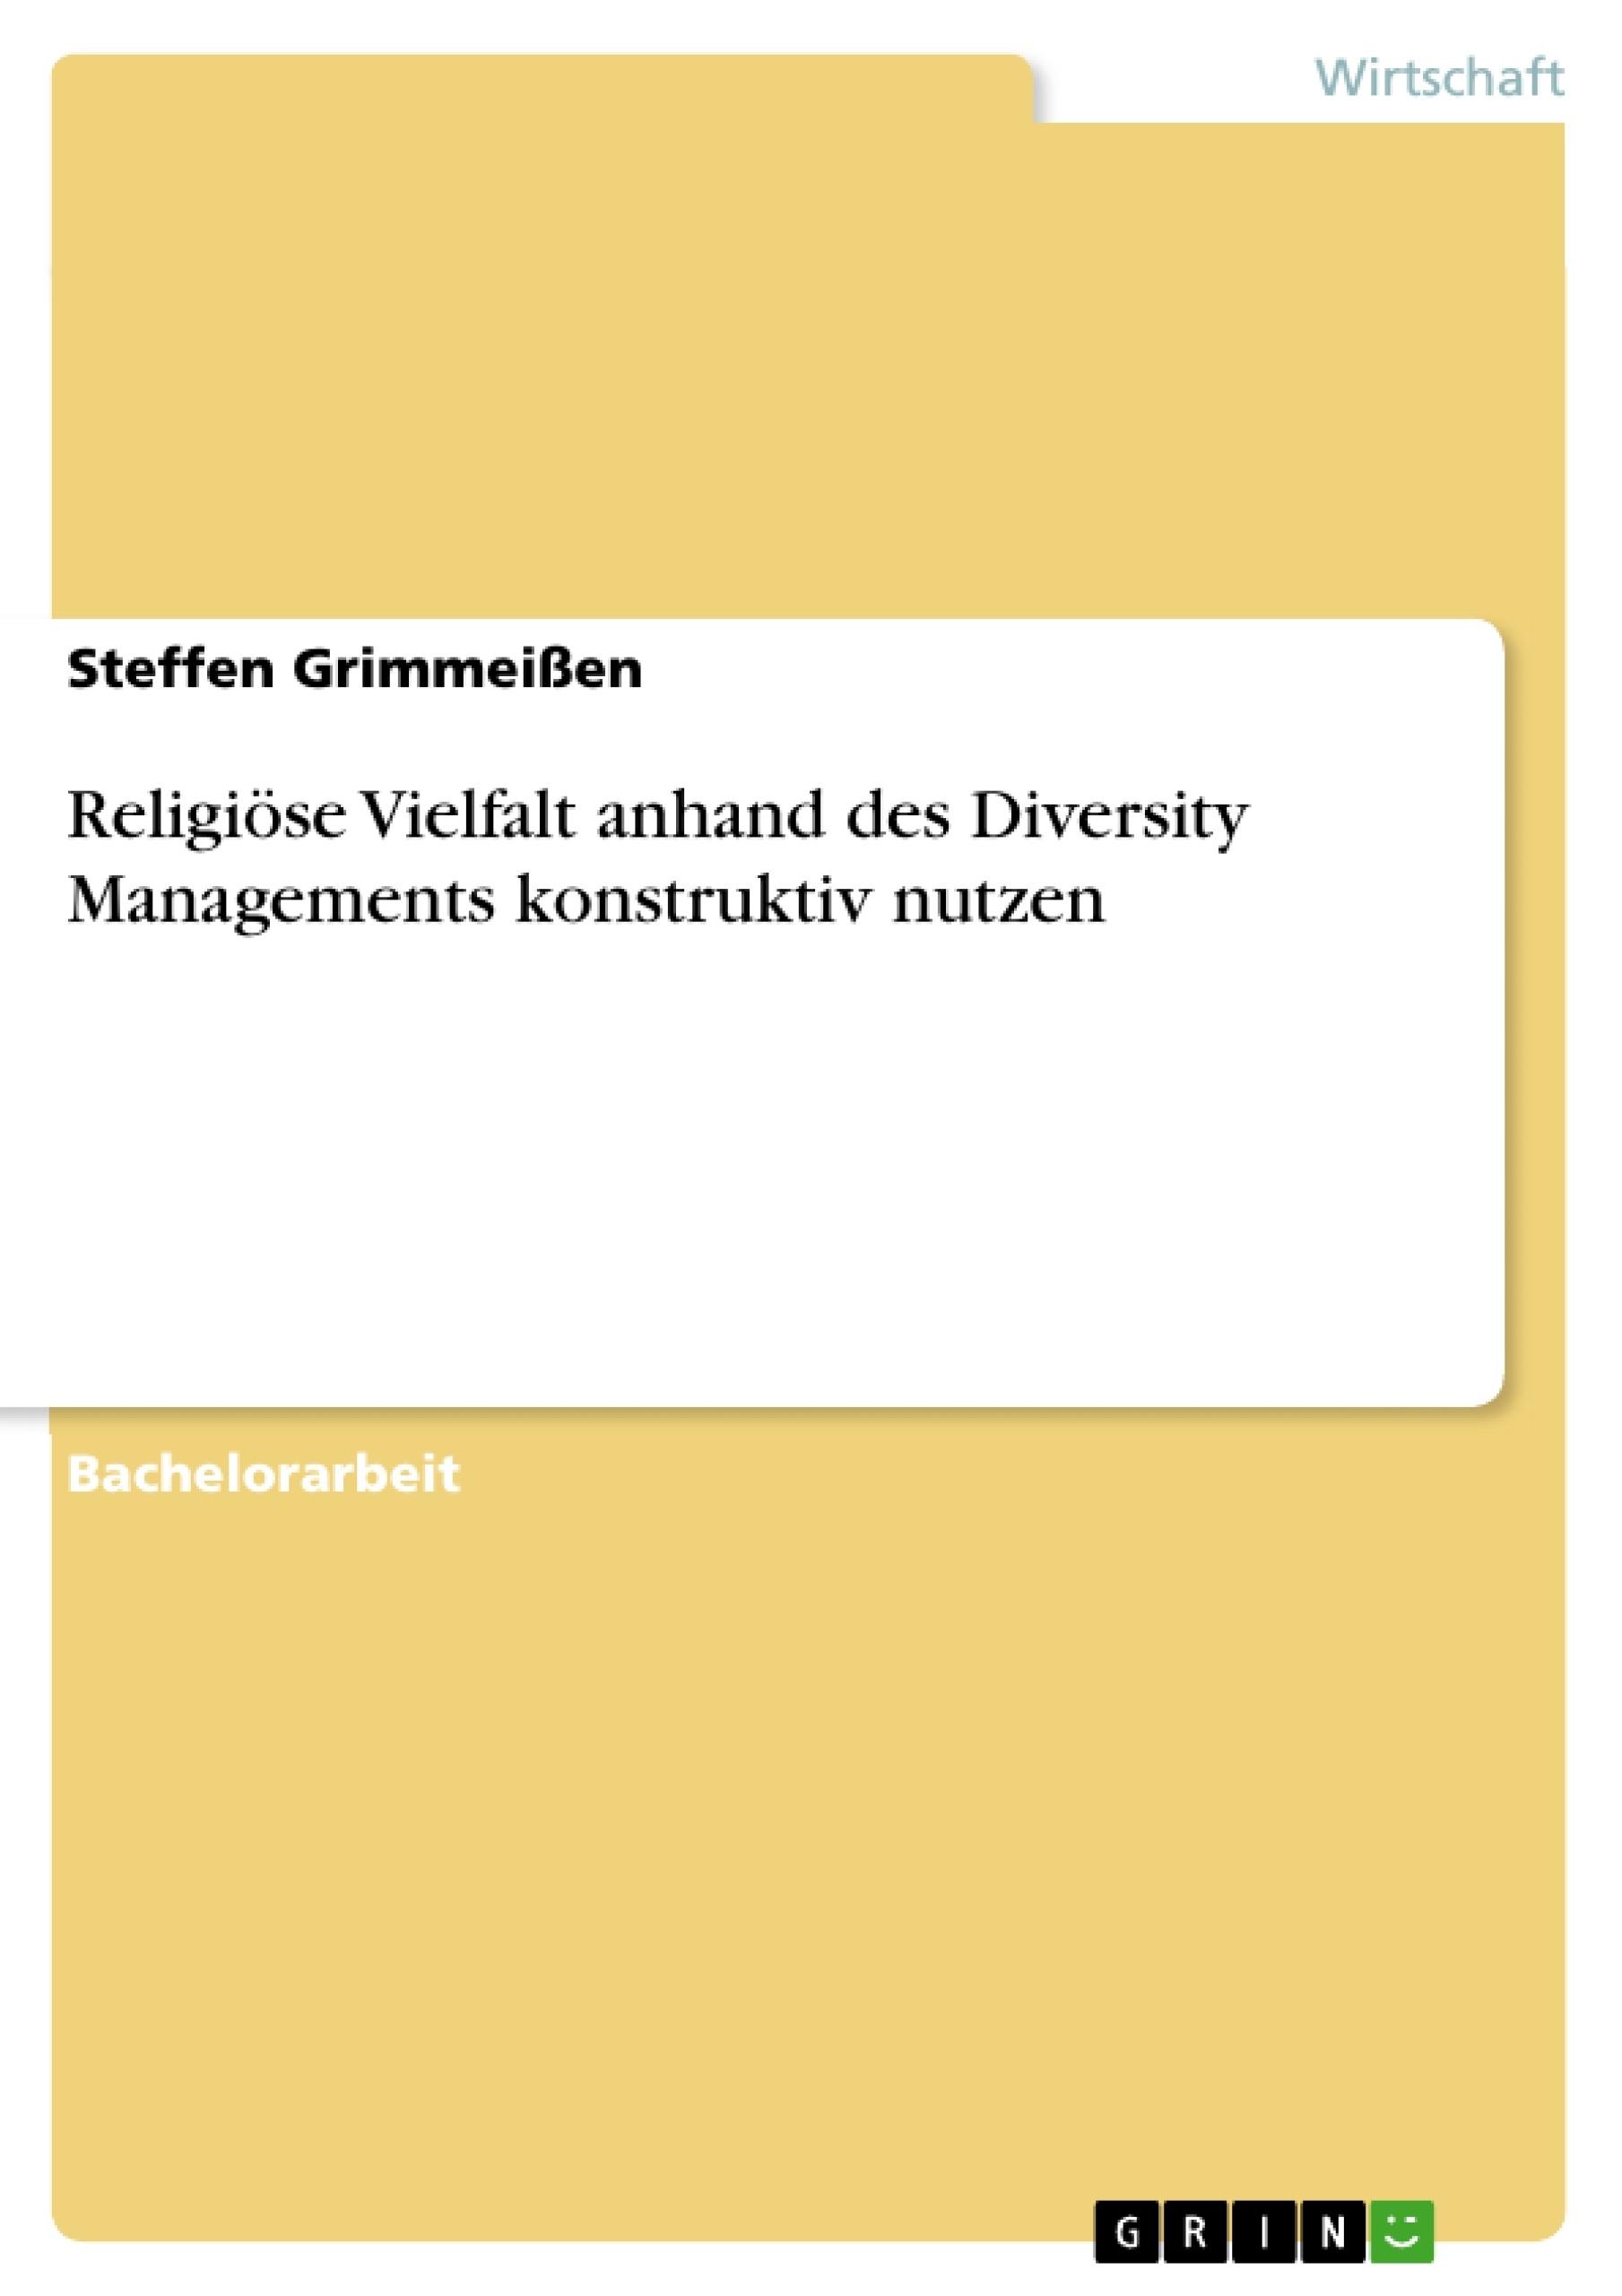 Titel: Religiöse Vielfalt  anhand des  Diversity Managements  konstruktiv nutzen